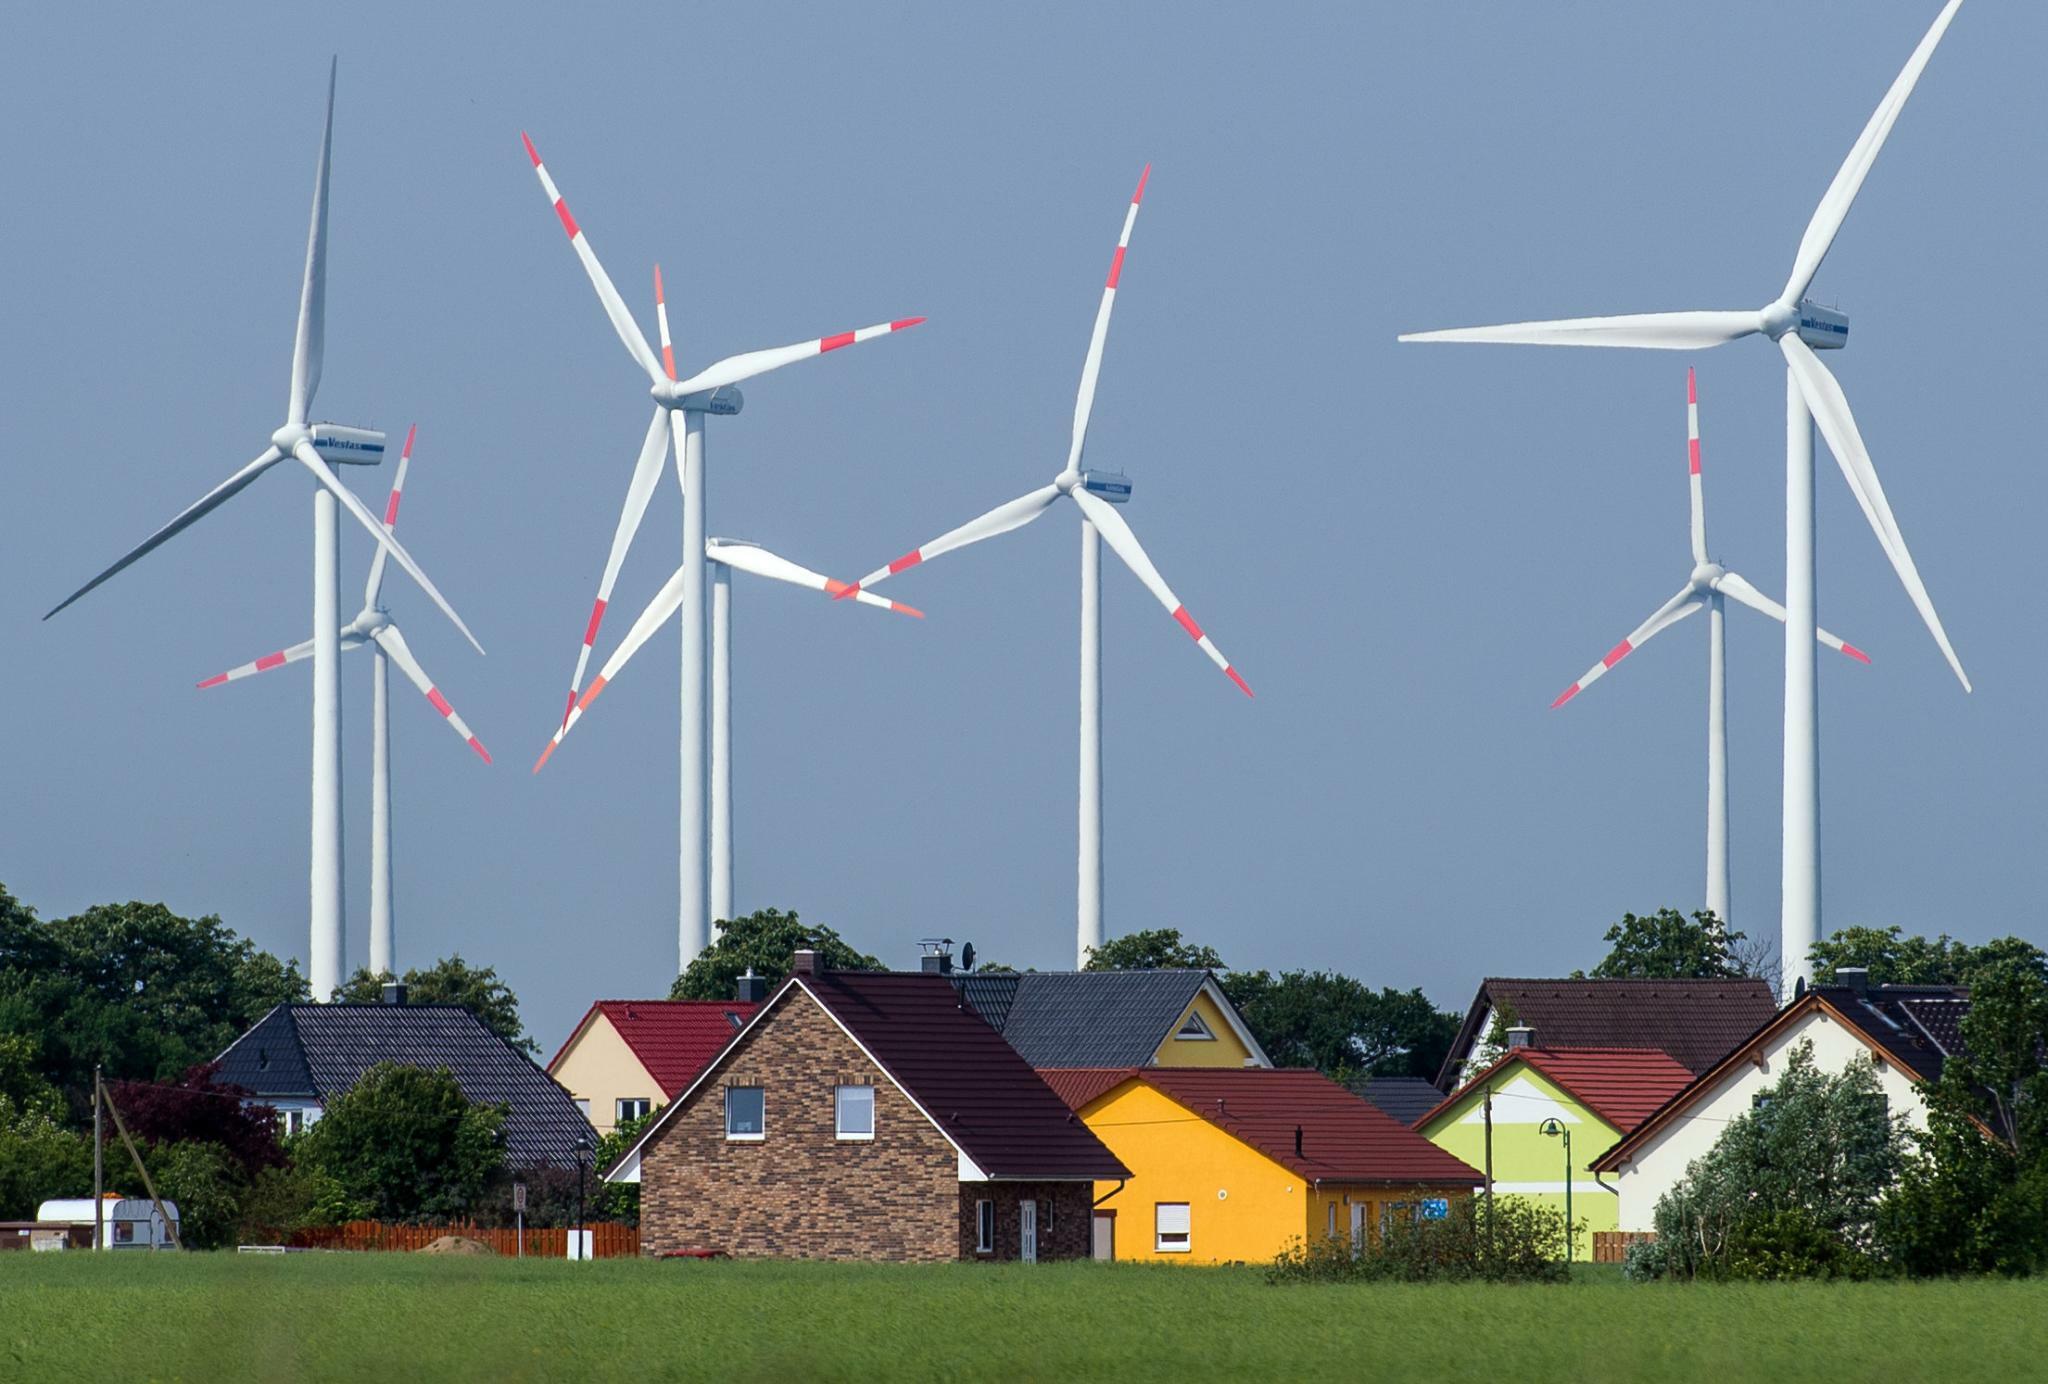 Steigender Energiebedarf: Deutschland droht die Ökostrom-Lücke